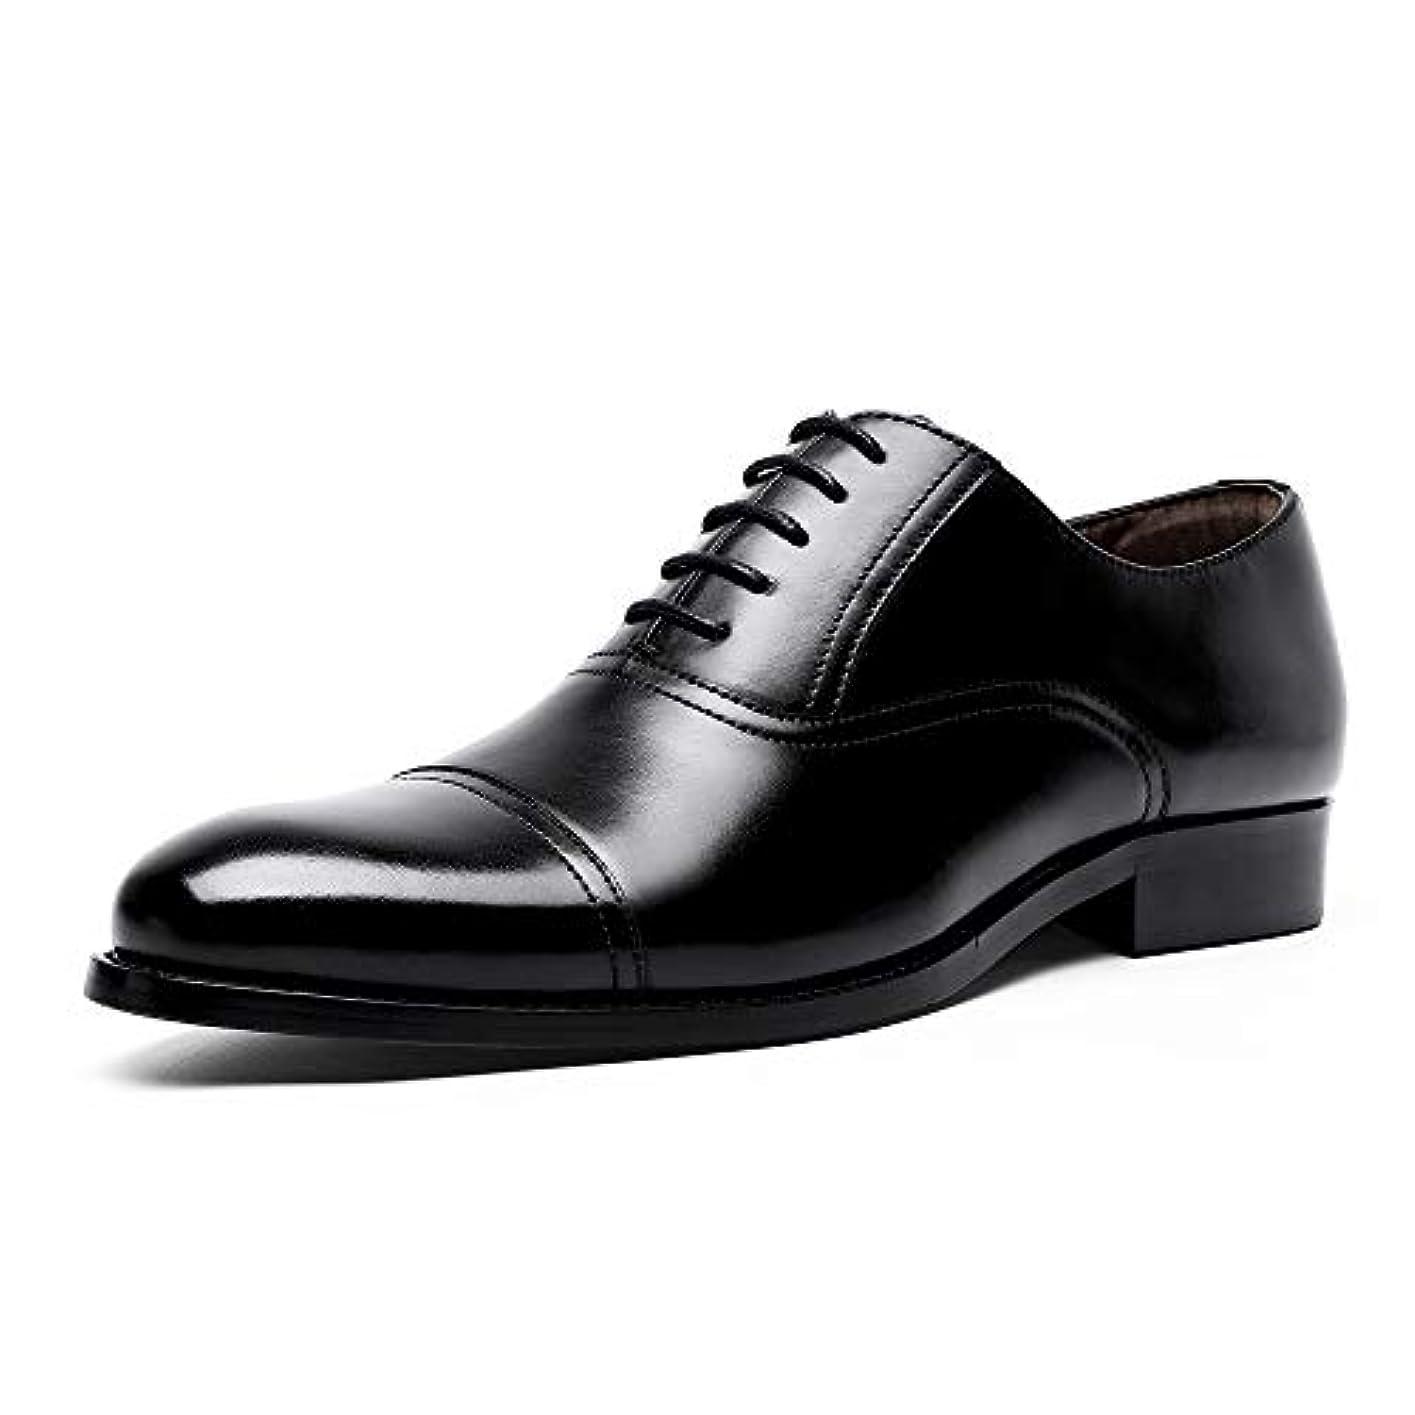 童謡決めますエキスiKuma ビジネスシューズ メンズ 紳士靴 革靴 本革 高級靴 ストレートチップ 履きやすい 通気性 レースアップ フォーマル 冠婚葬祭